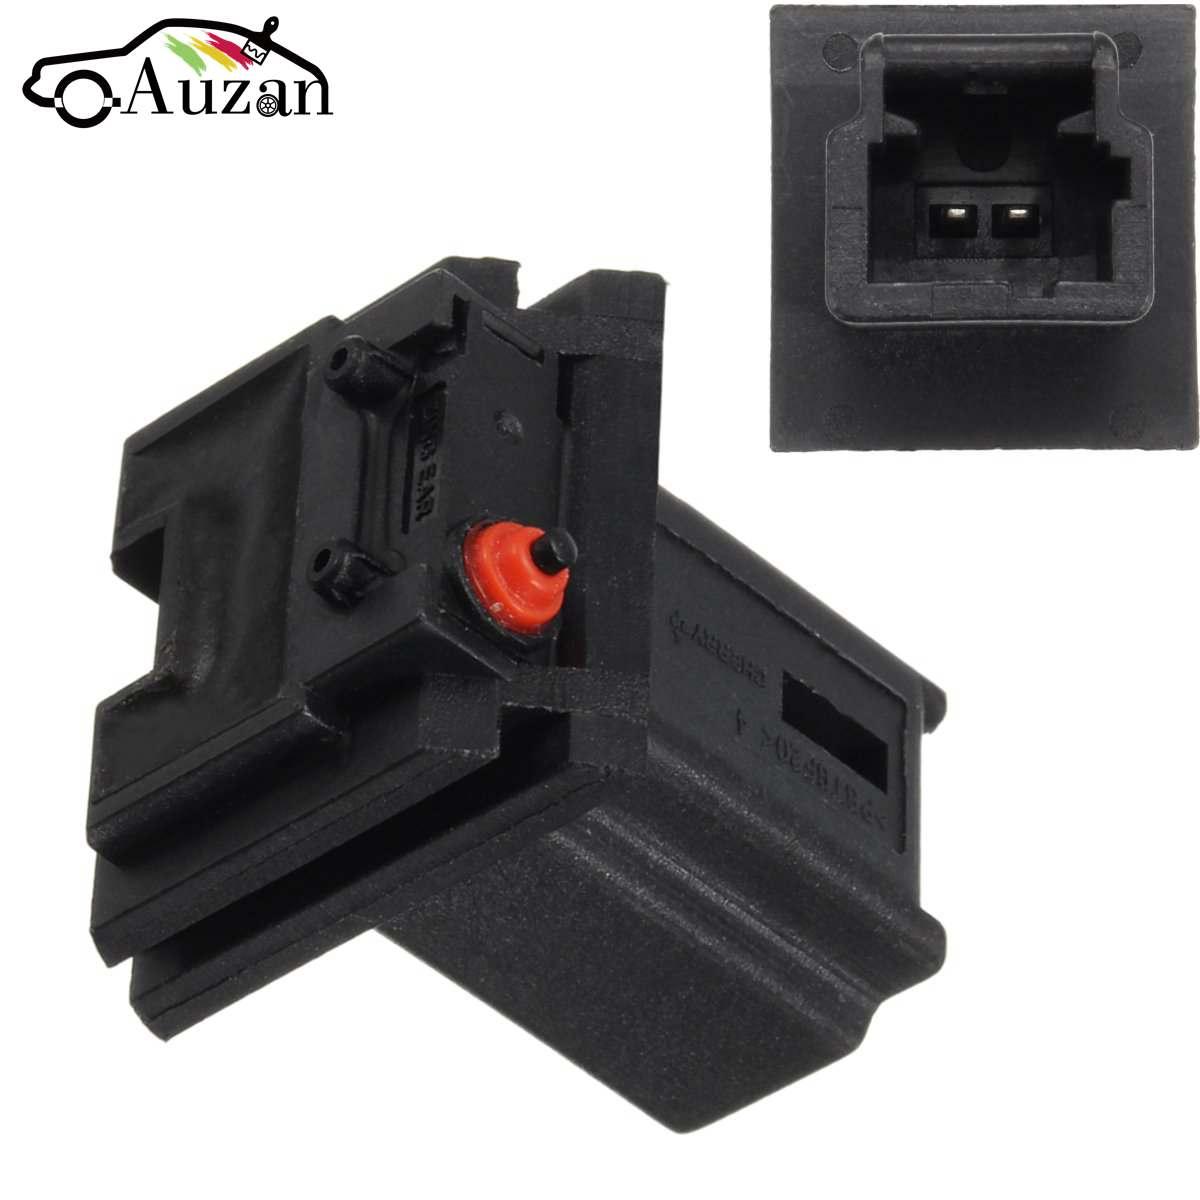 Noir Hayon Boot Micro Interrupteur Pour Citroen C3 C4 C3 pour Peugeot 206 307 308 407 6554V5